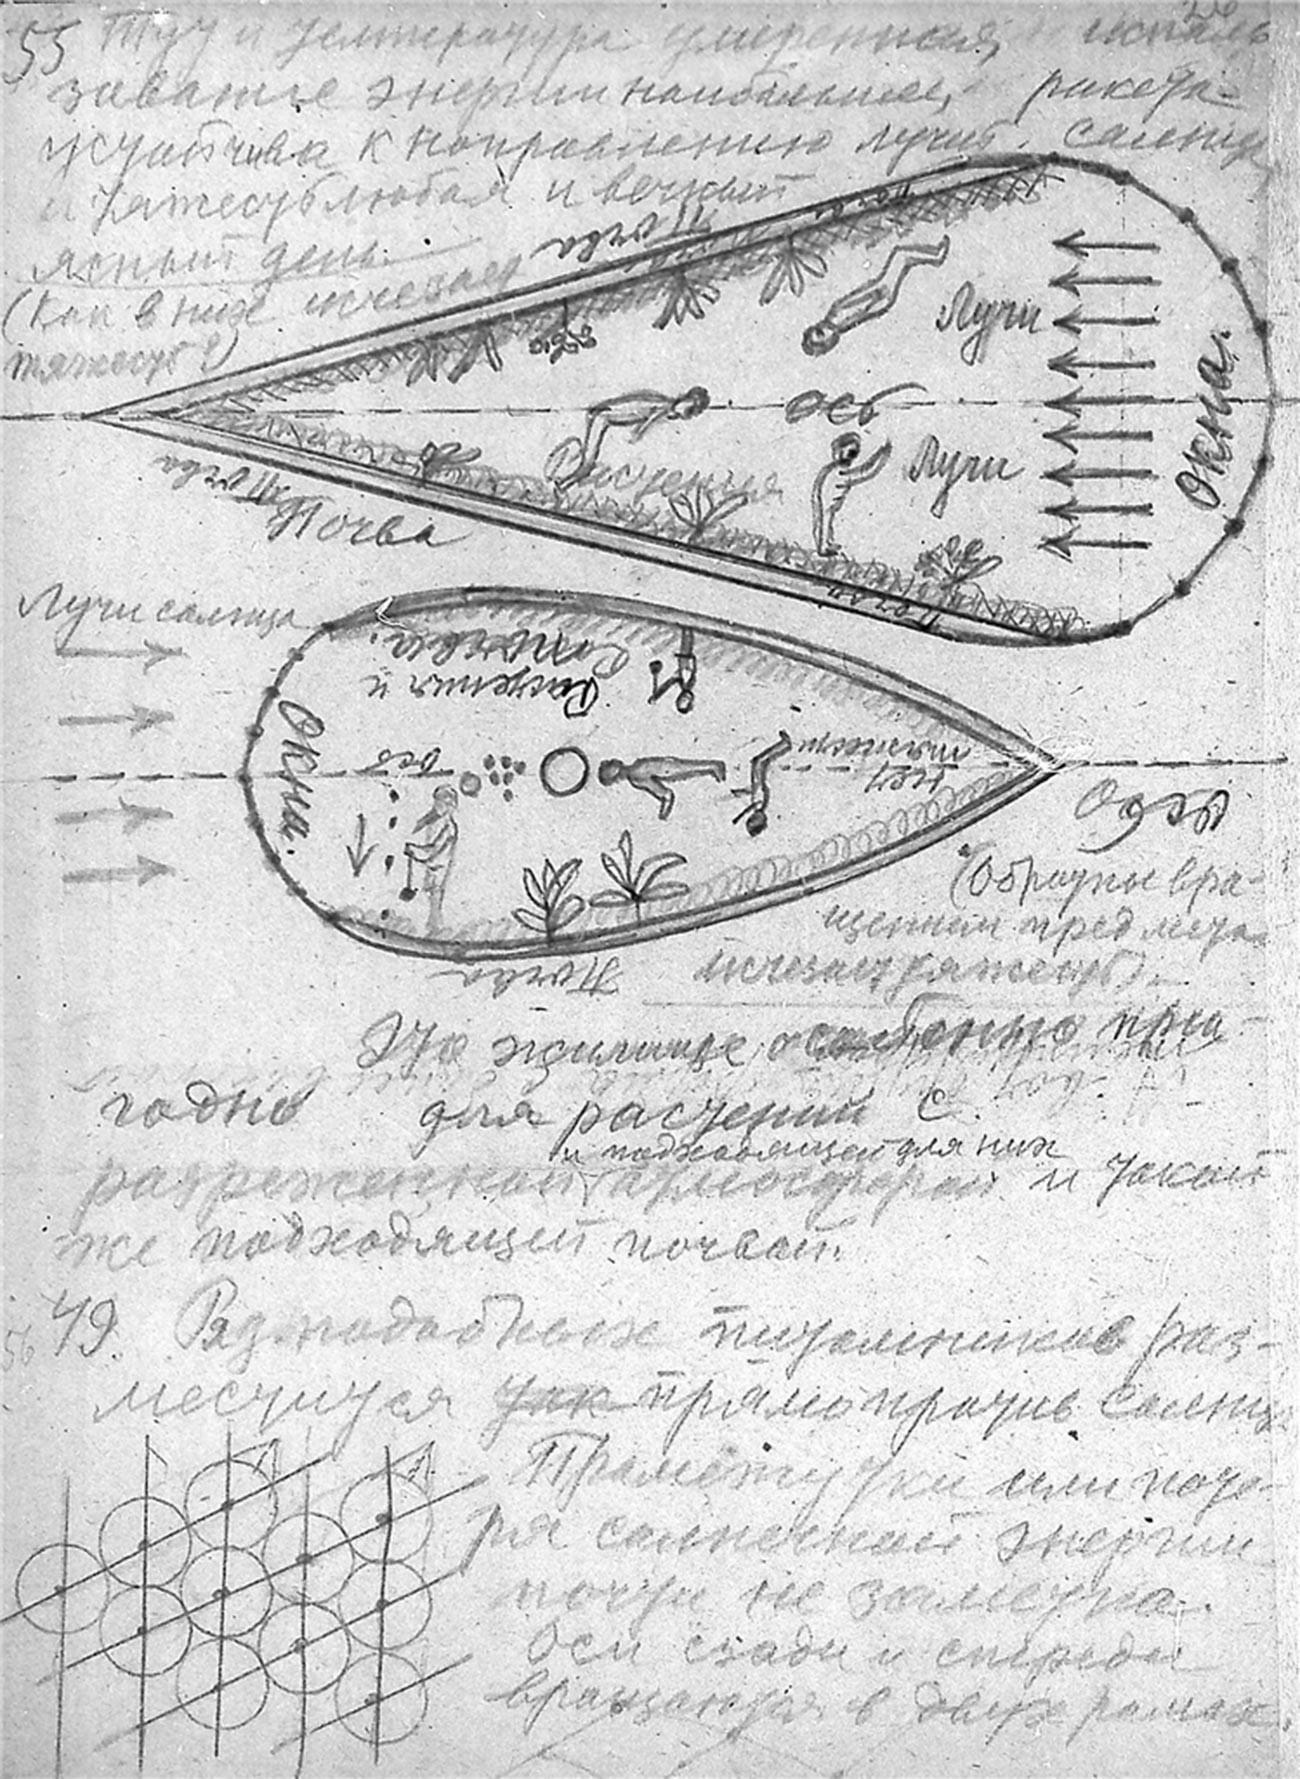 """Ziolkowskis Manuskript """"Album der Raumfahrt"""" (Blatt 55) mit einer Beschreibung des Weltraumgewächshauses."""